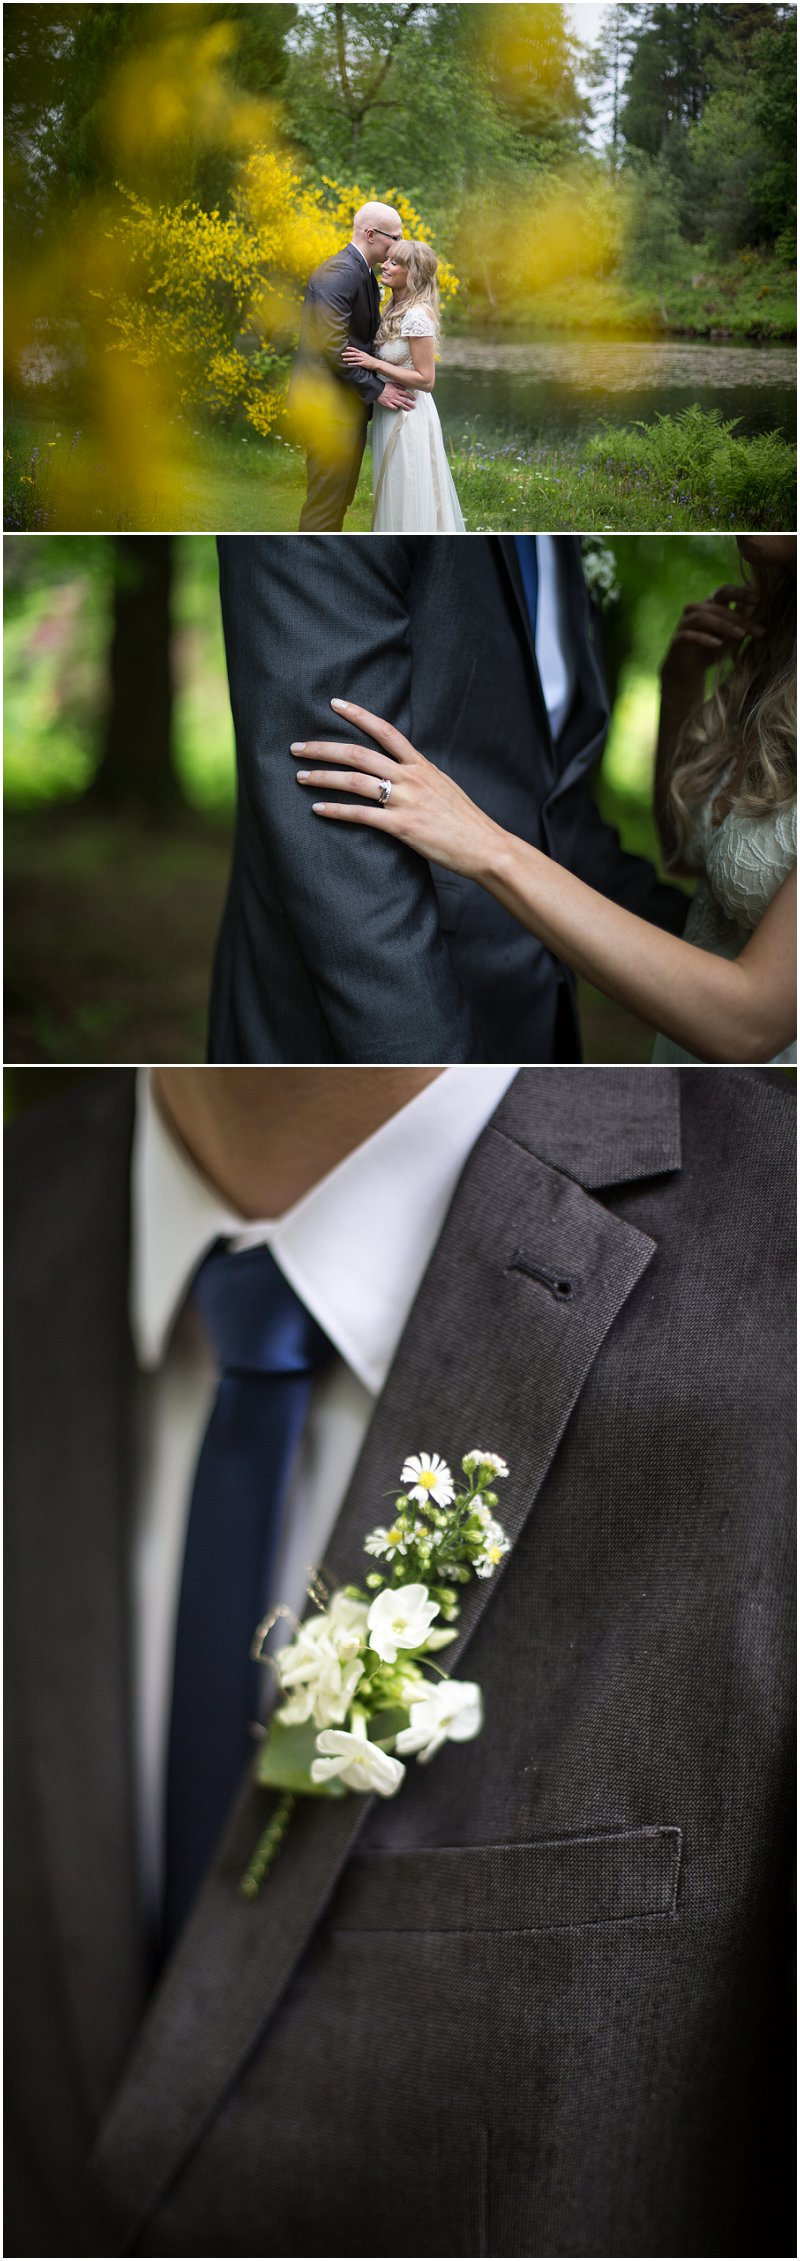 Beautiful Wedding Photography at Linthwaite House Hotel Cumbria